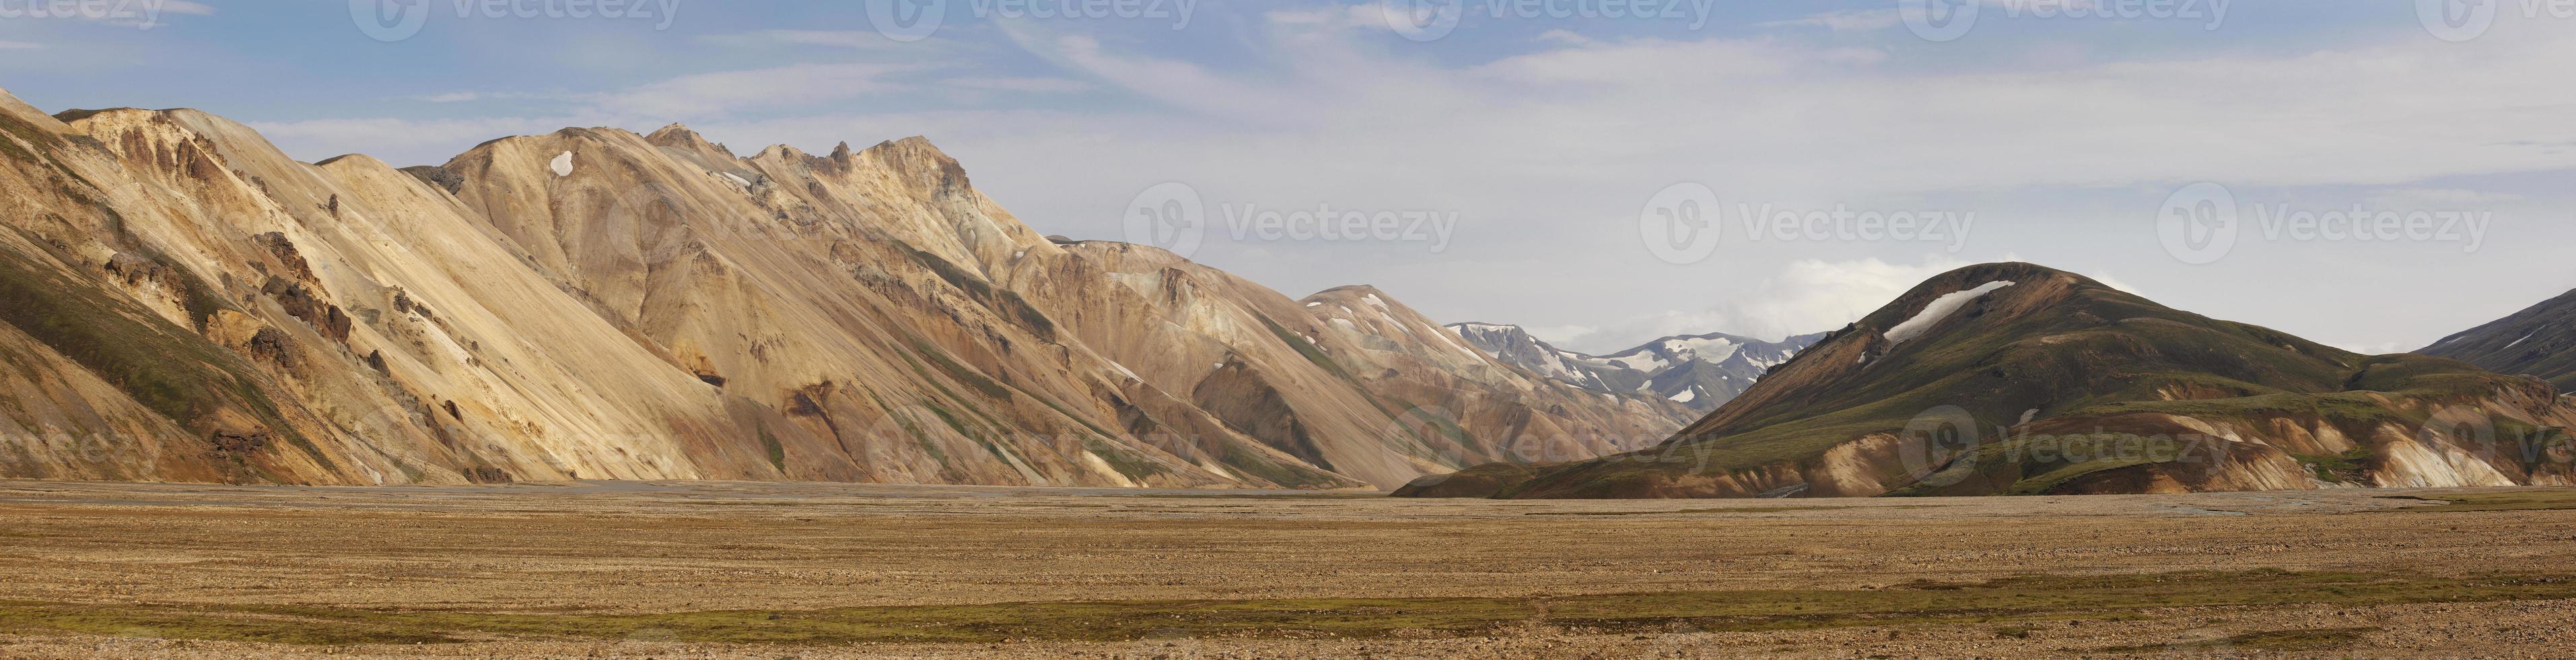 Islândia. área sul. fjallaback. paisagem vulcânica com formações de riolito. foto